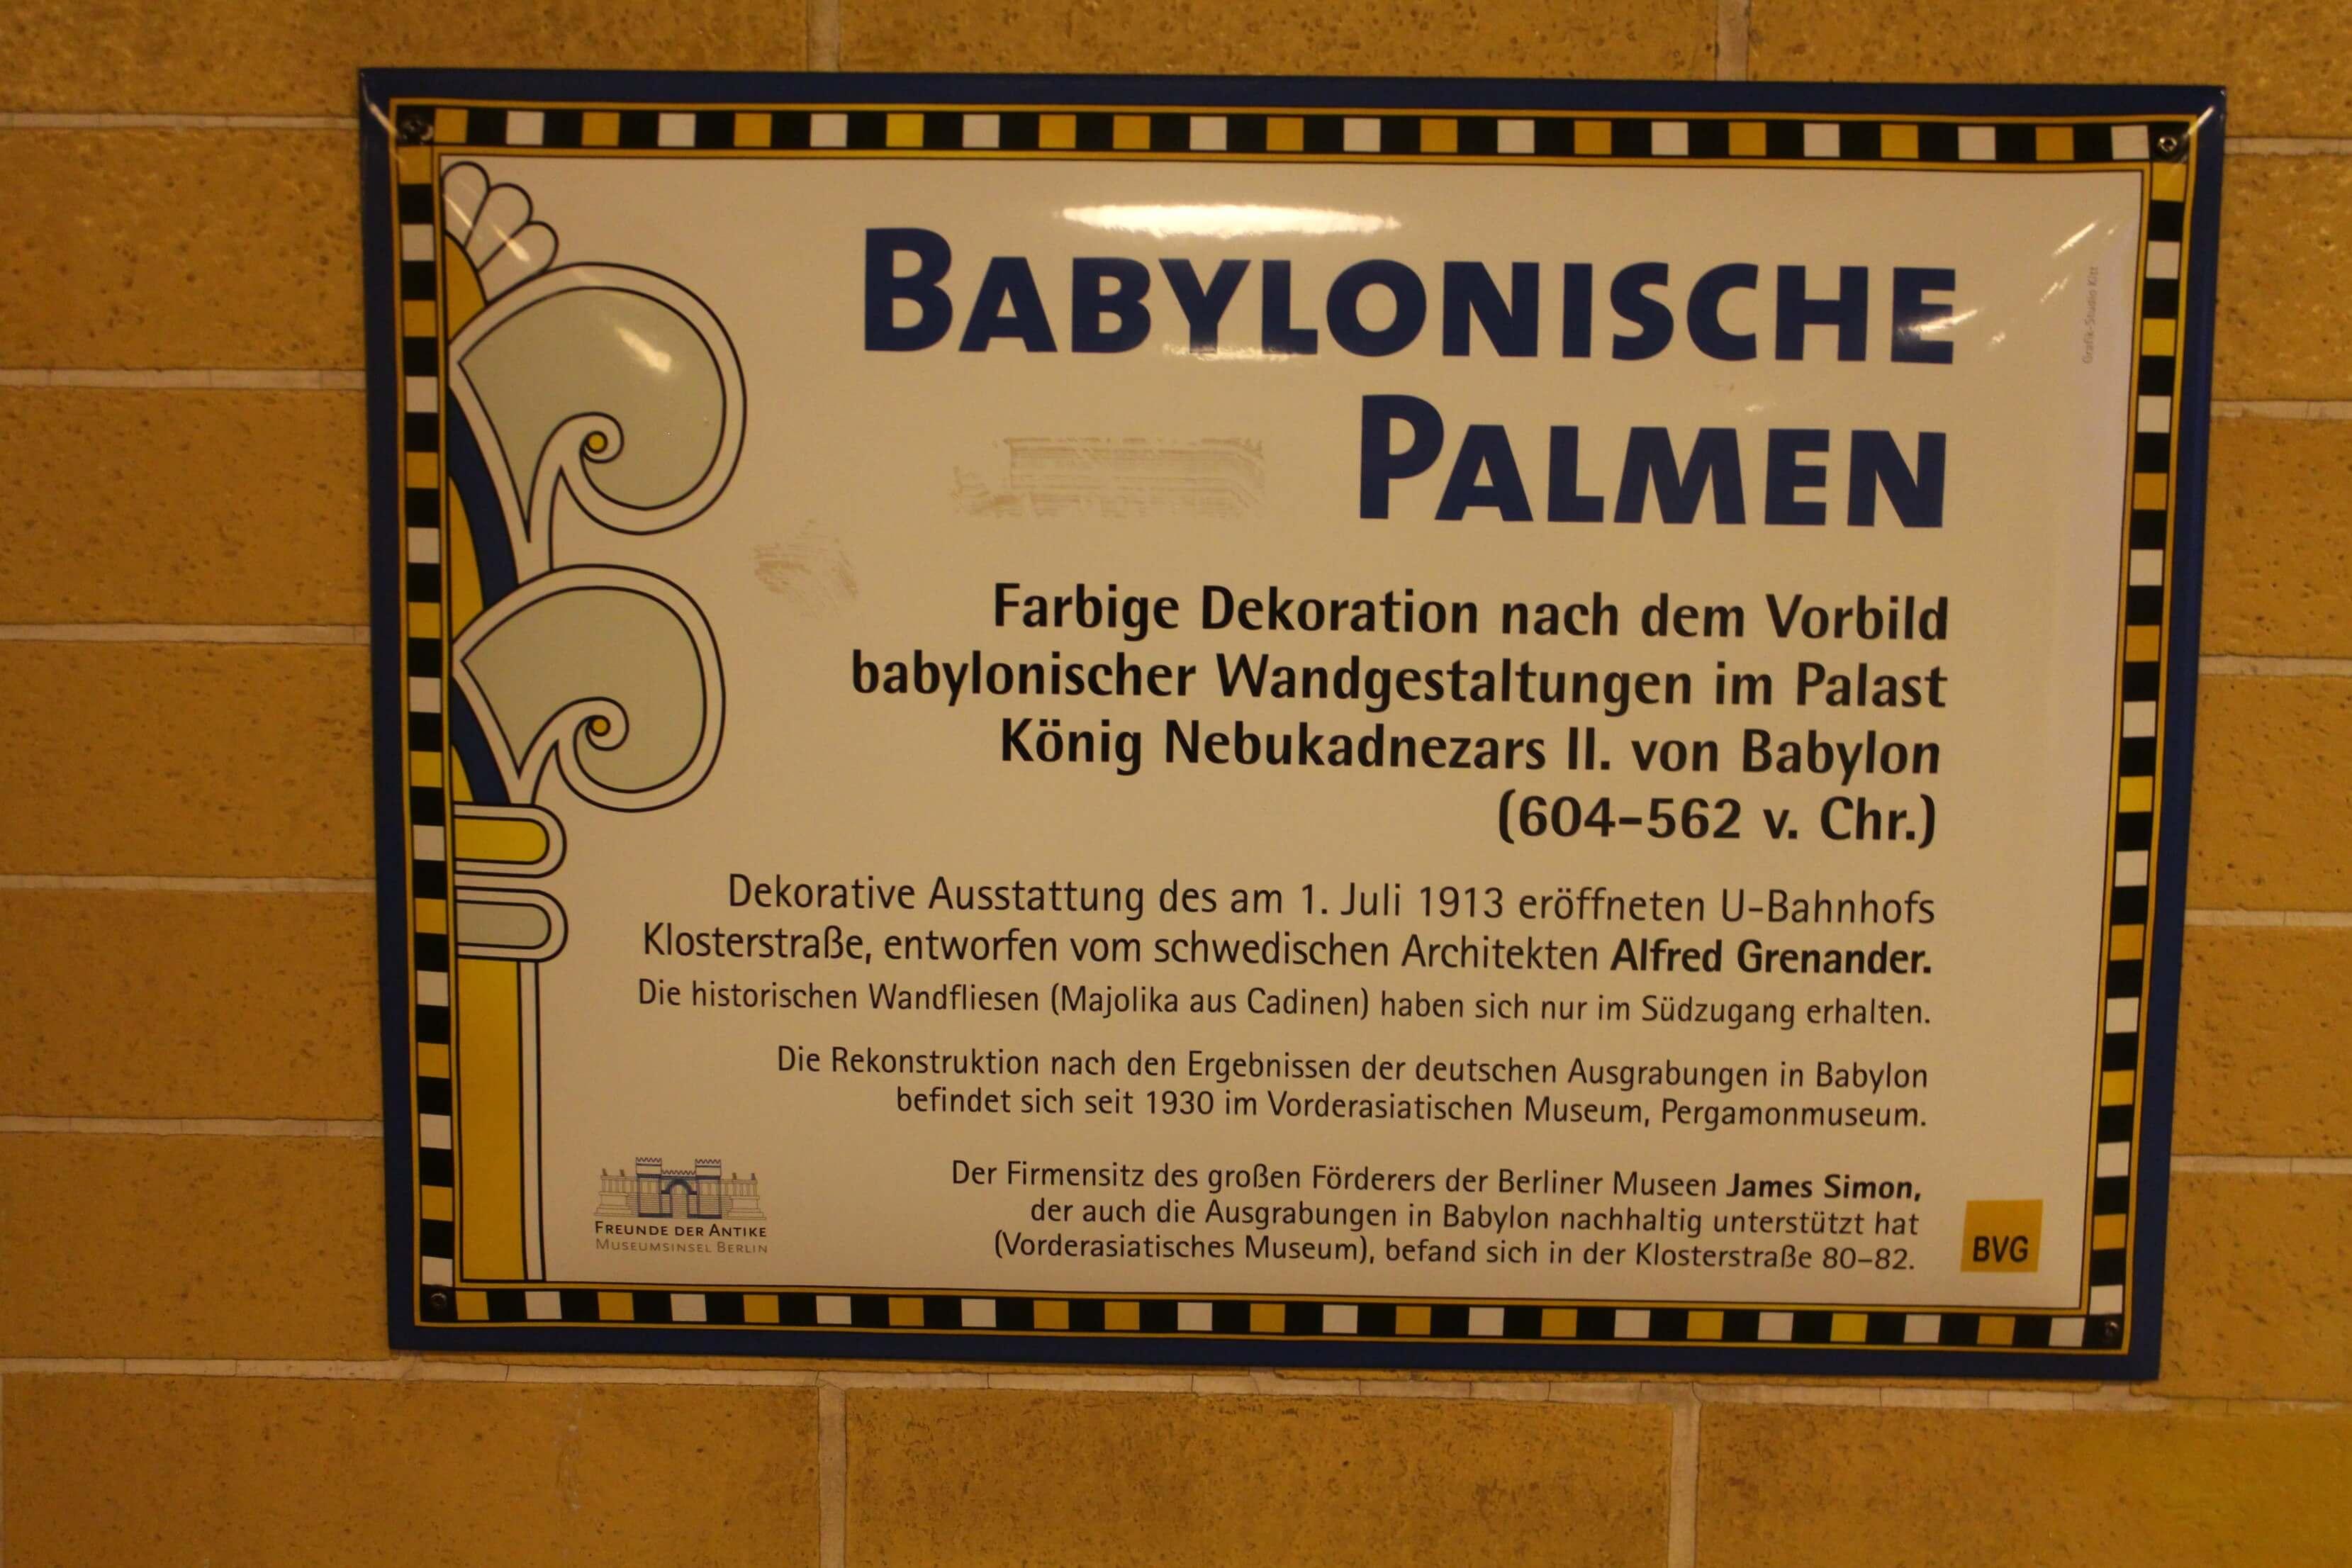 Babylonische Palmen